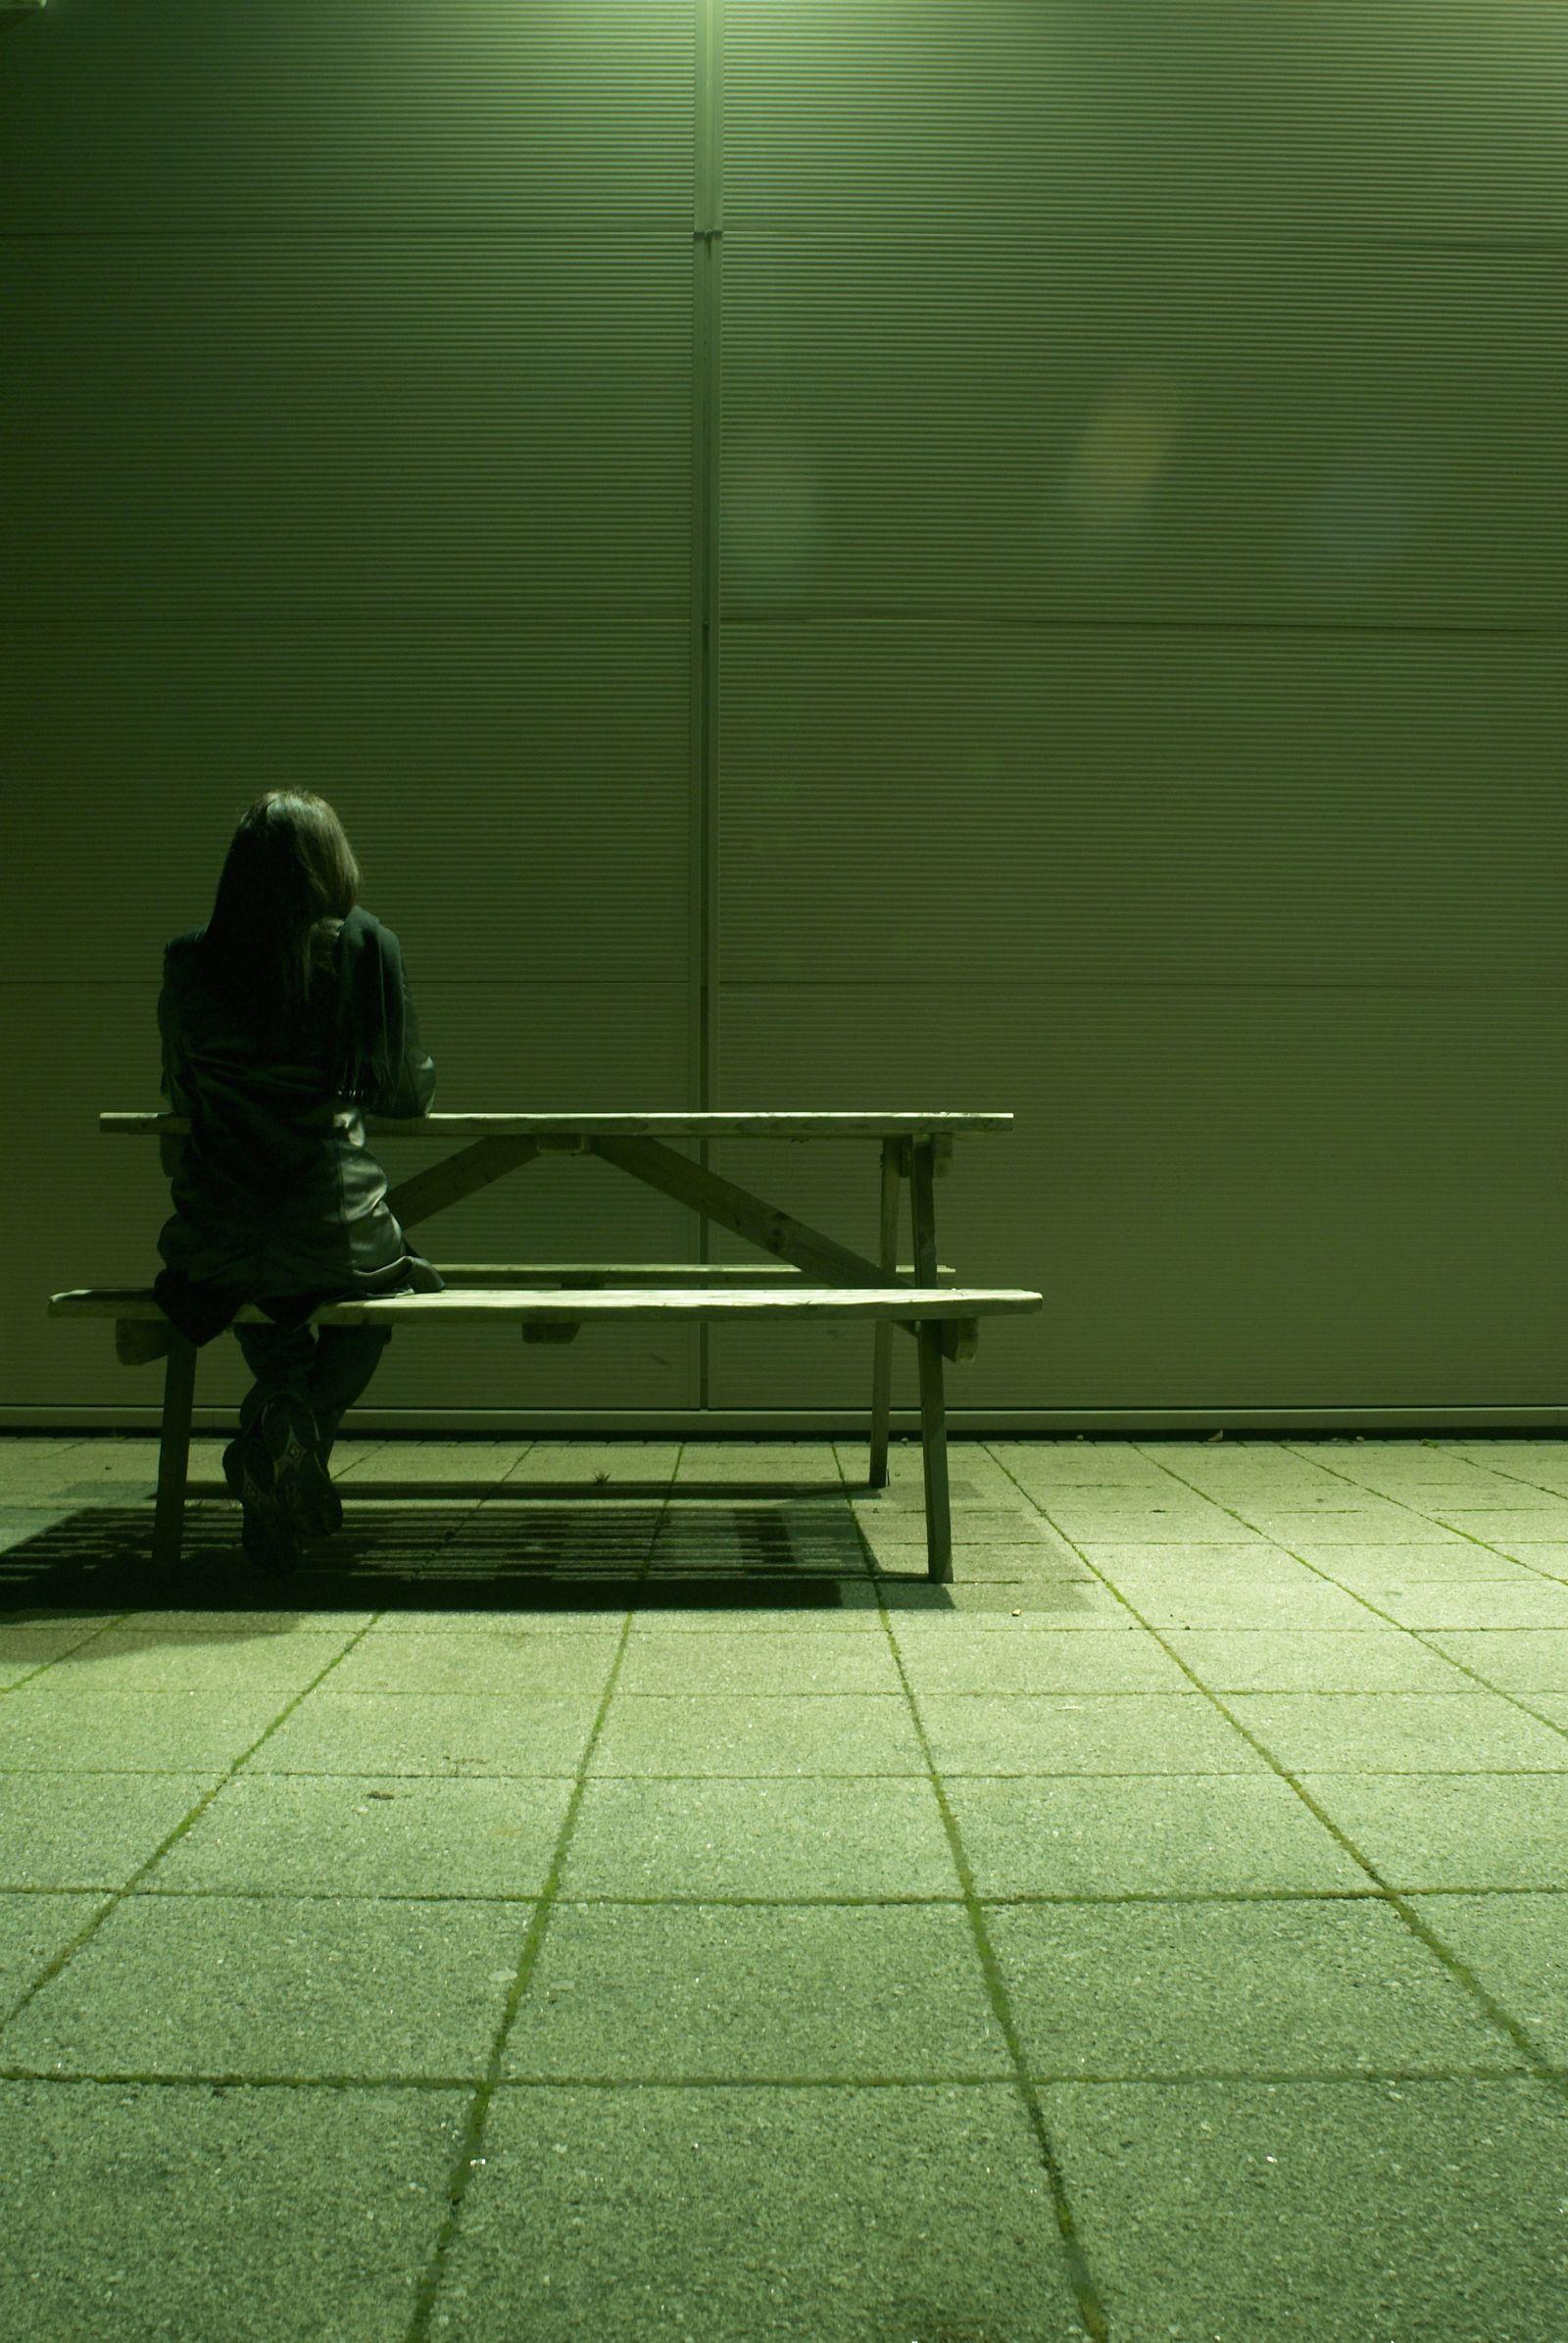 NICHT MEHR VERWENDEN! - Symbolbild Depression